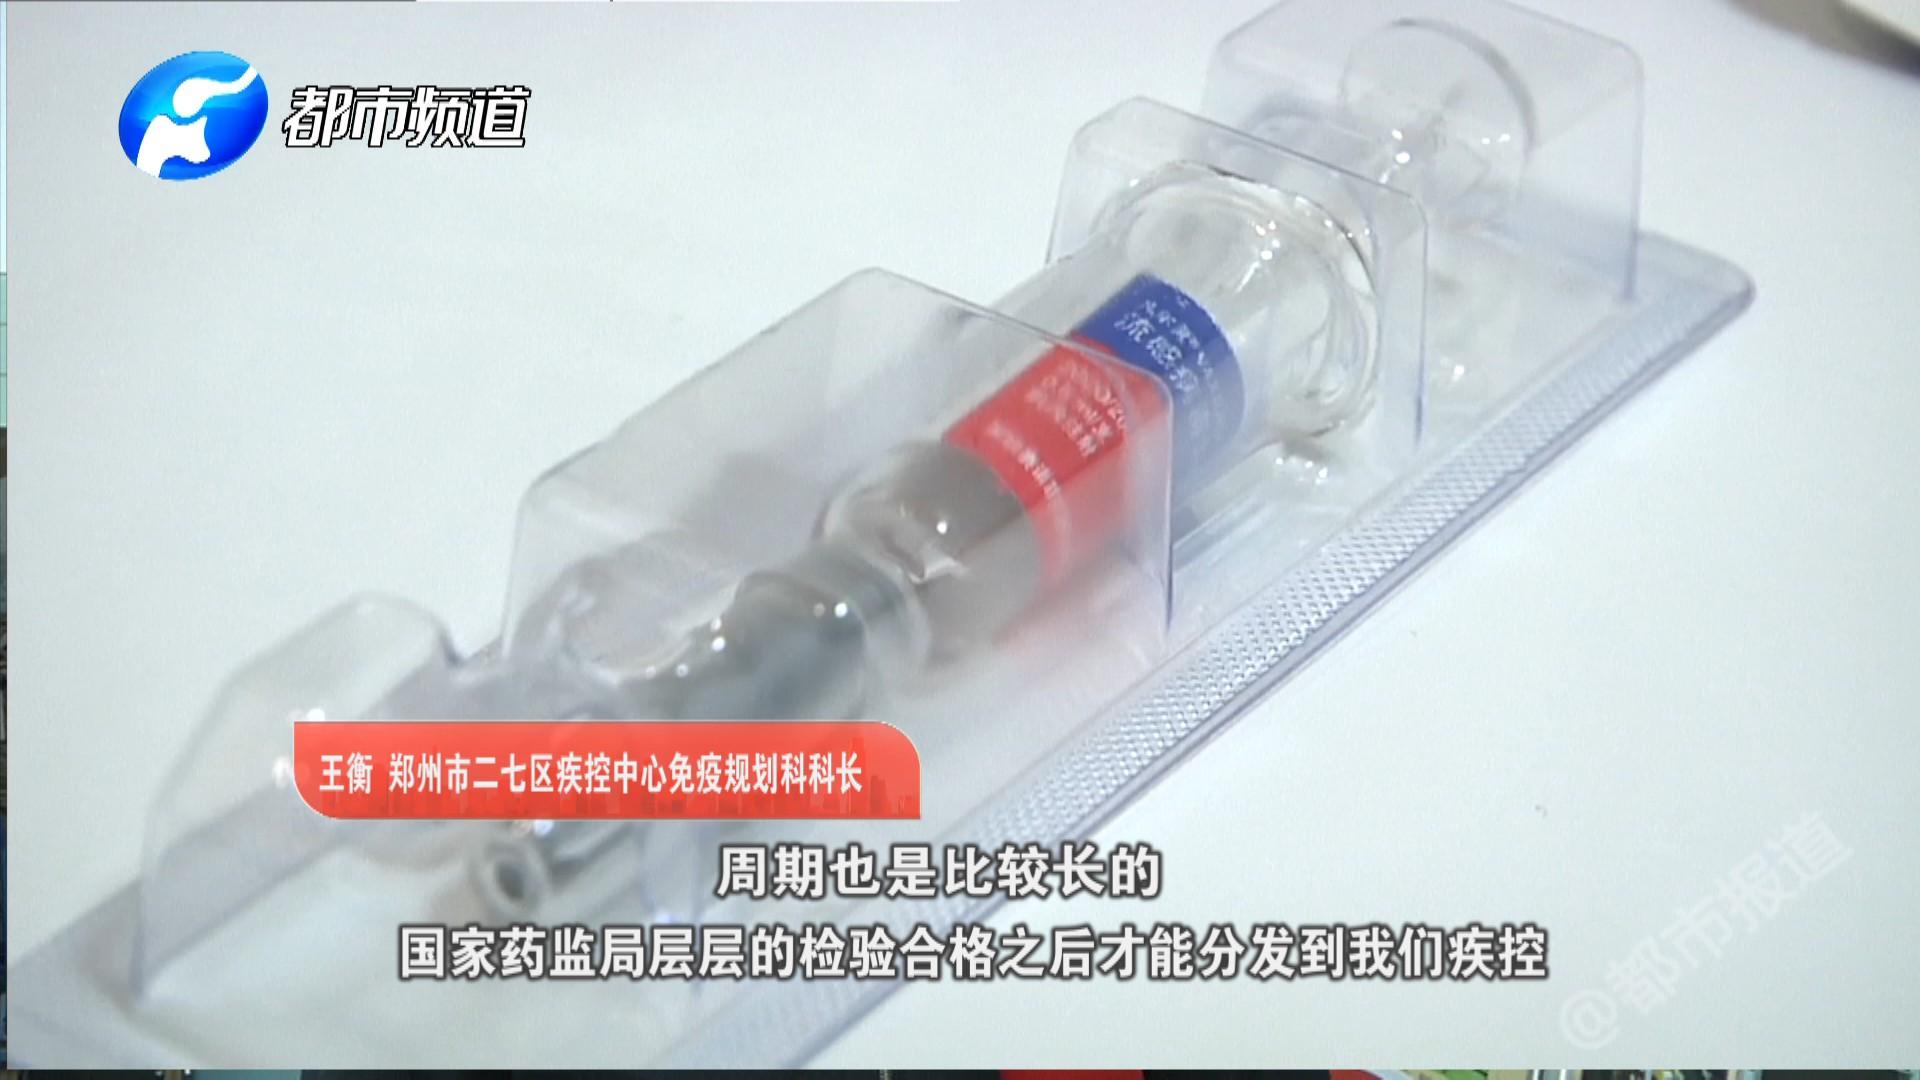 告急!流感疫苗多地零库存!好消息:新的一批即将到货!